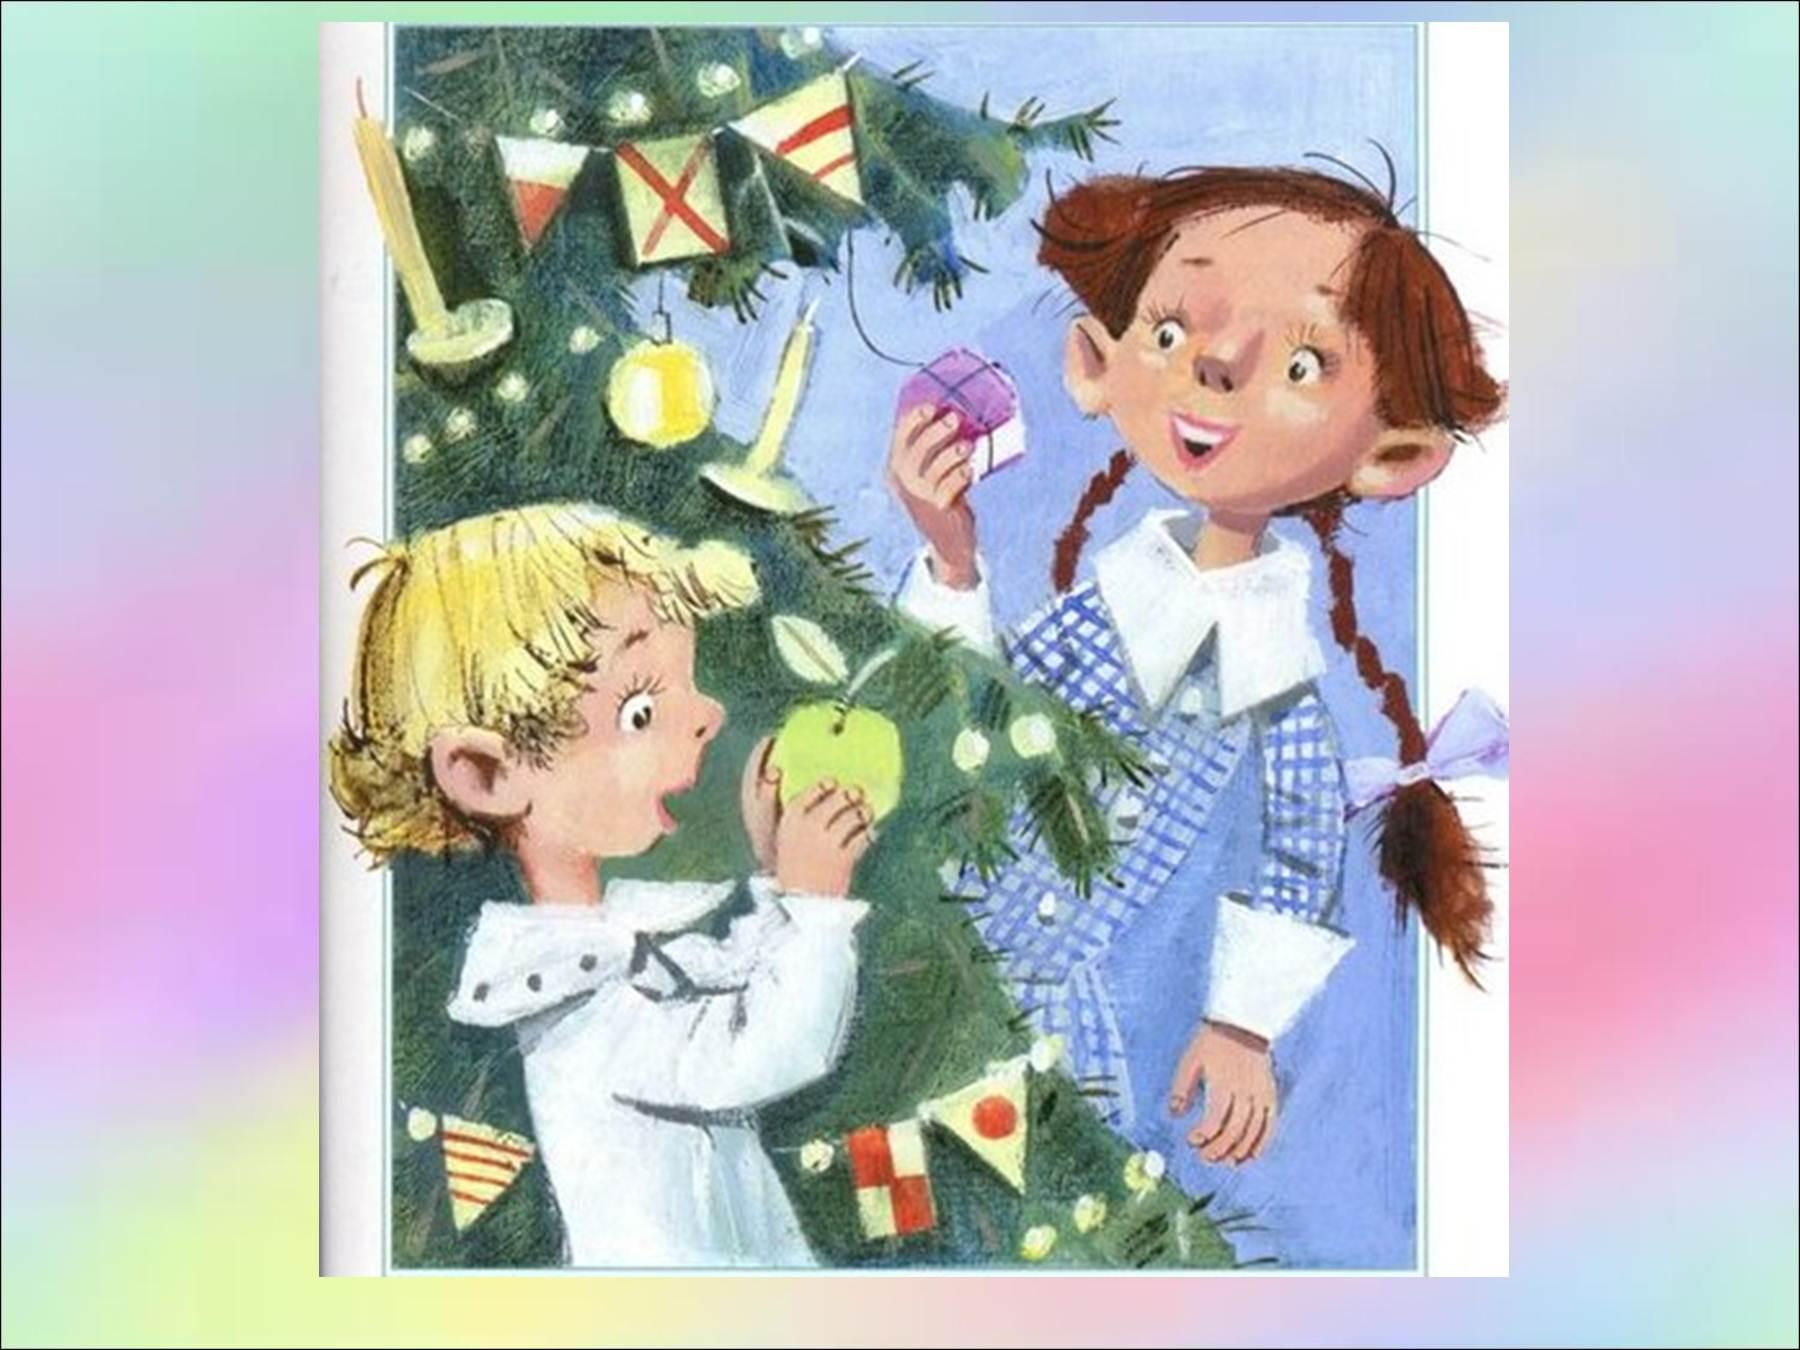 картинки к рассказу два подарка отличием других представителей